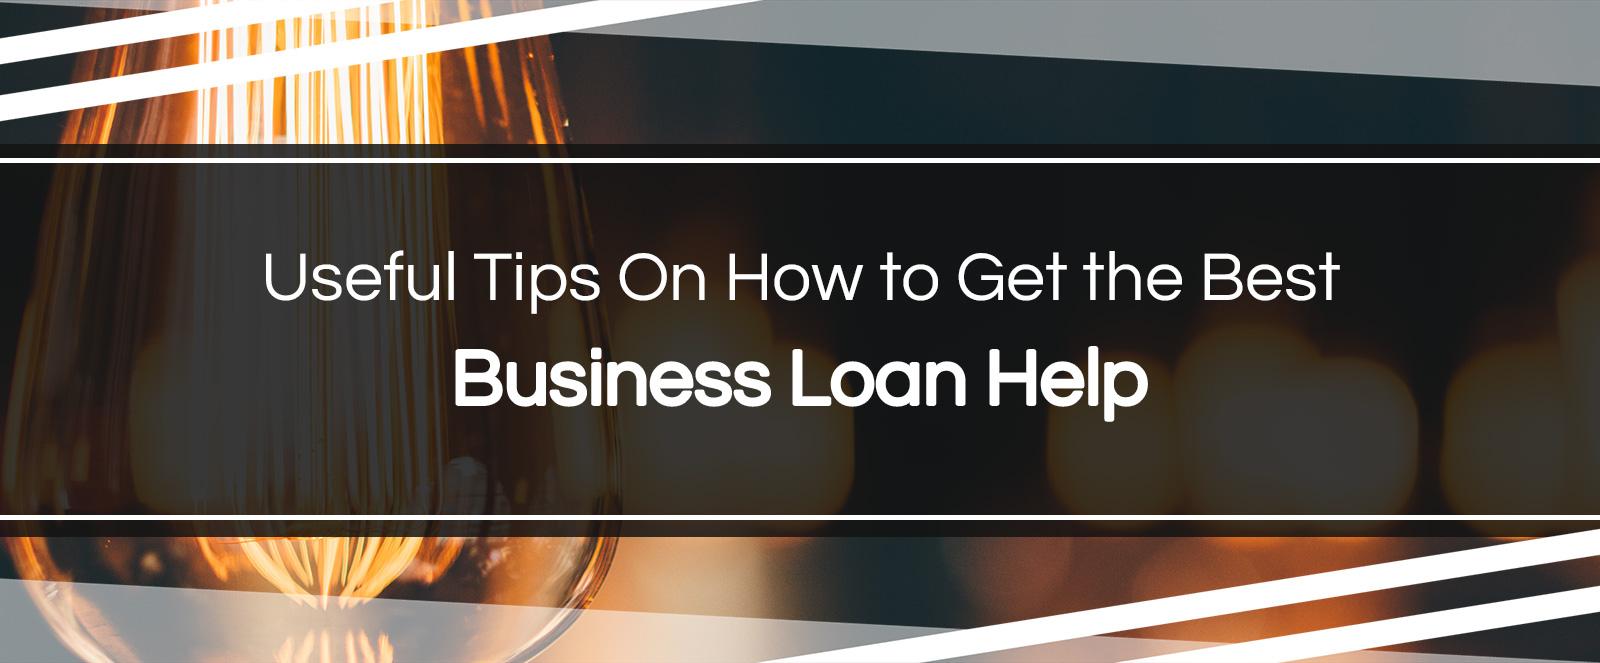 business loan help